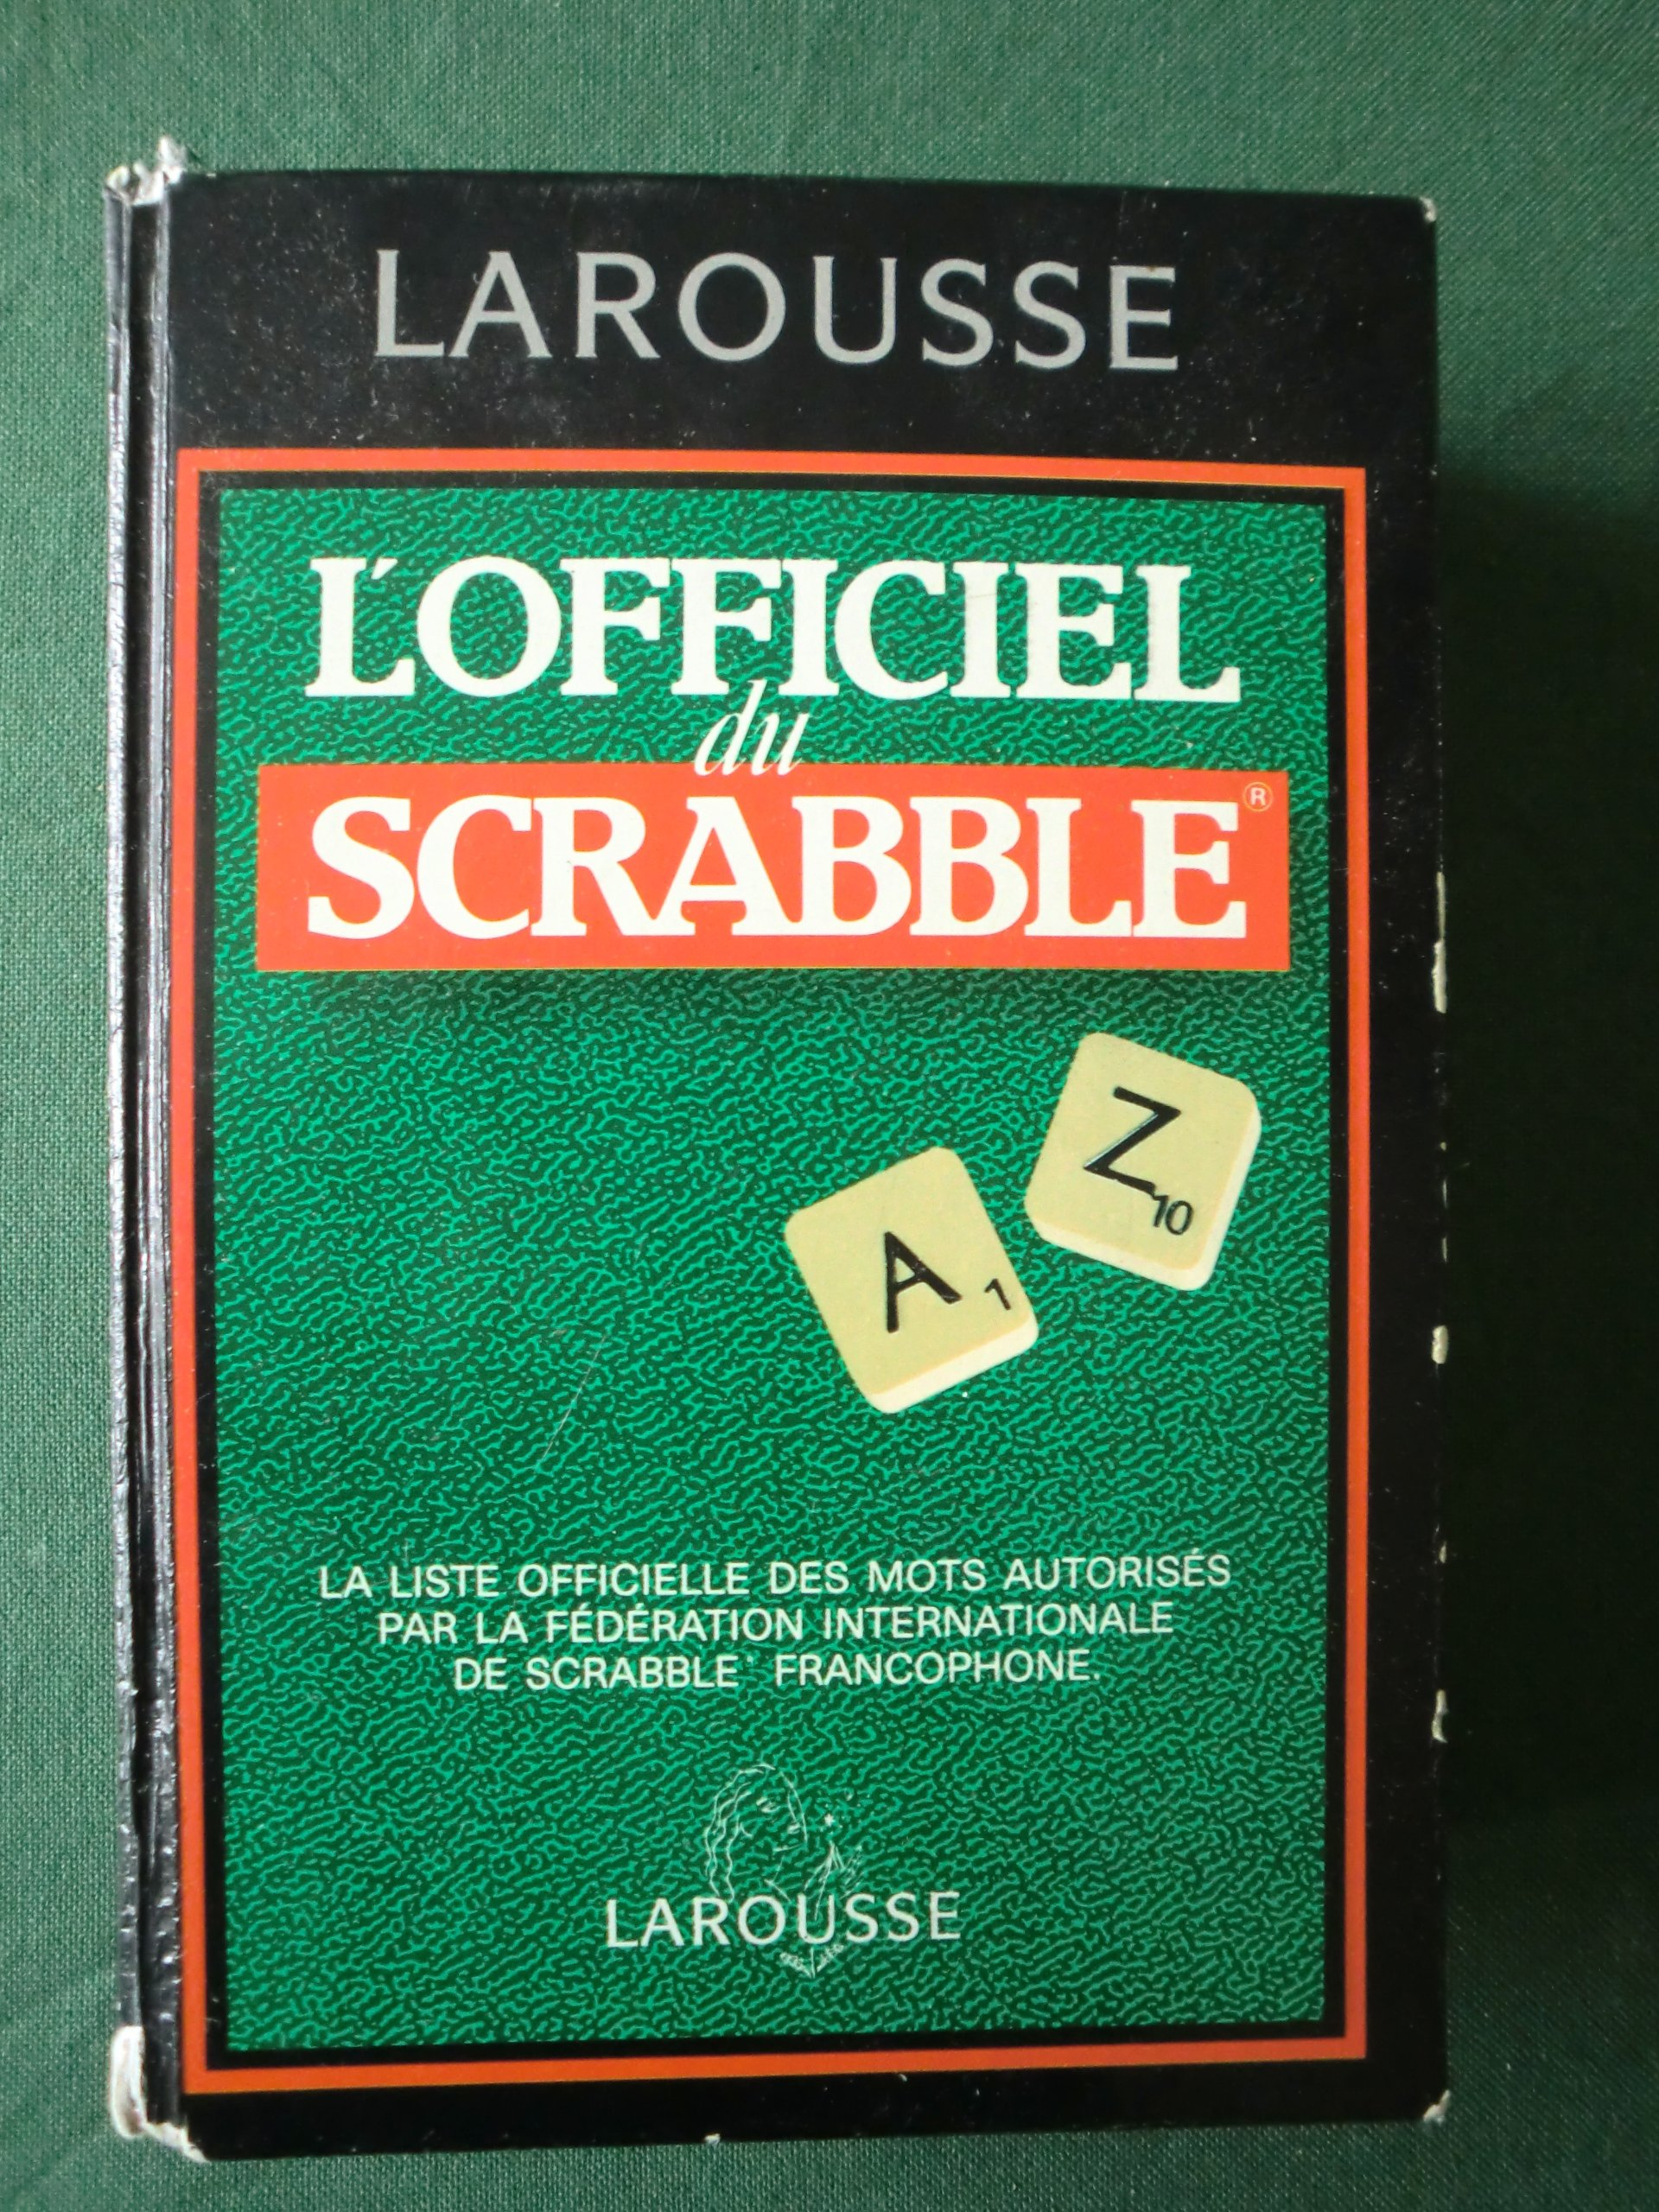 Lofficiel du Scrabble : Le compagnon des jeux de lettres: Amazon.es: Collectif: Libros en idiomas extranjeros